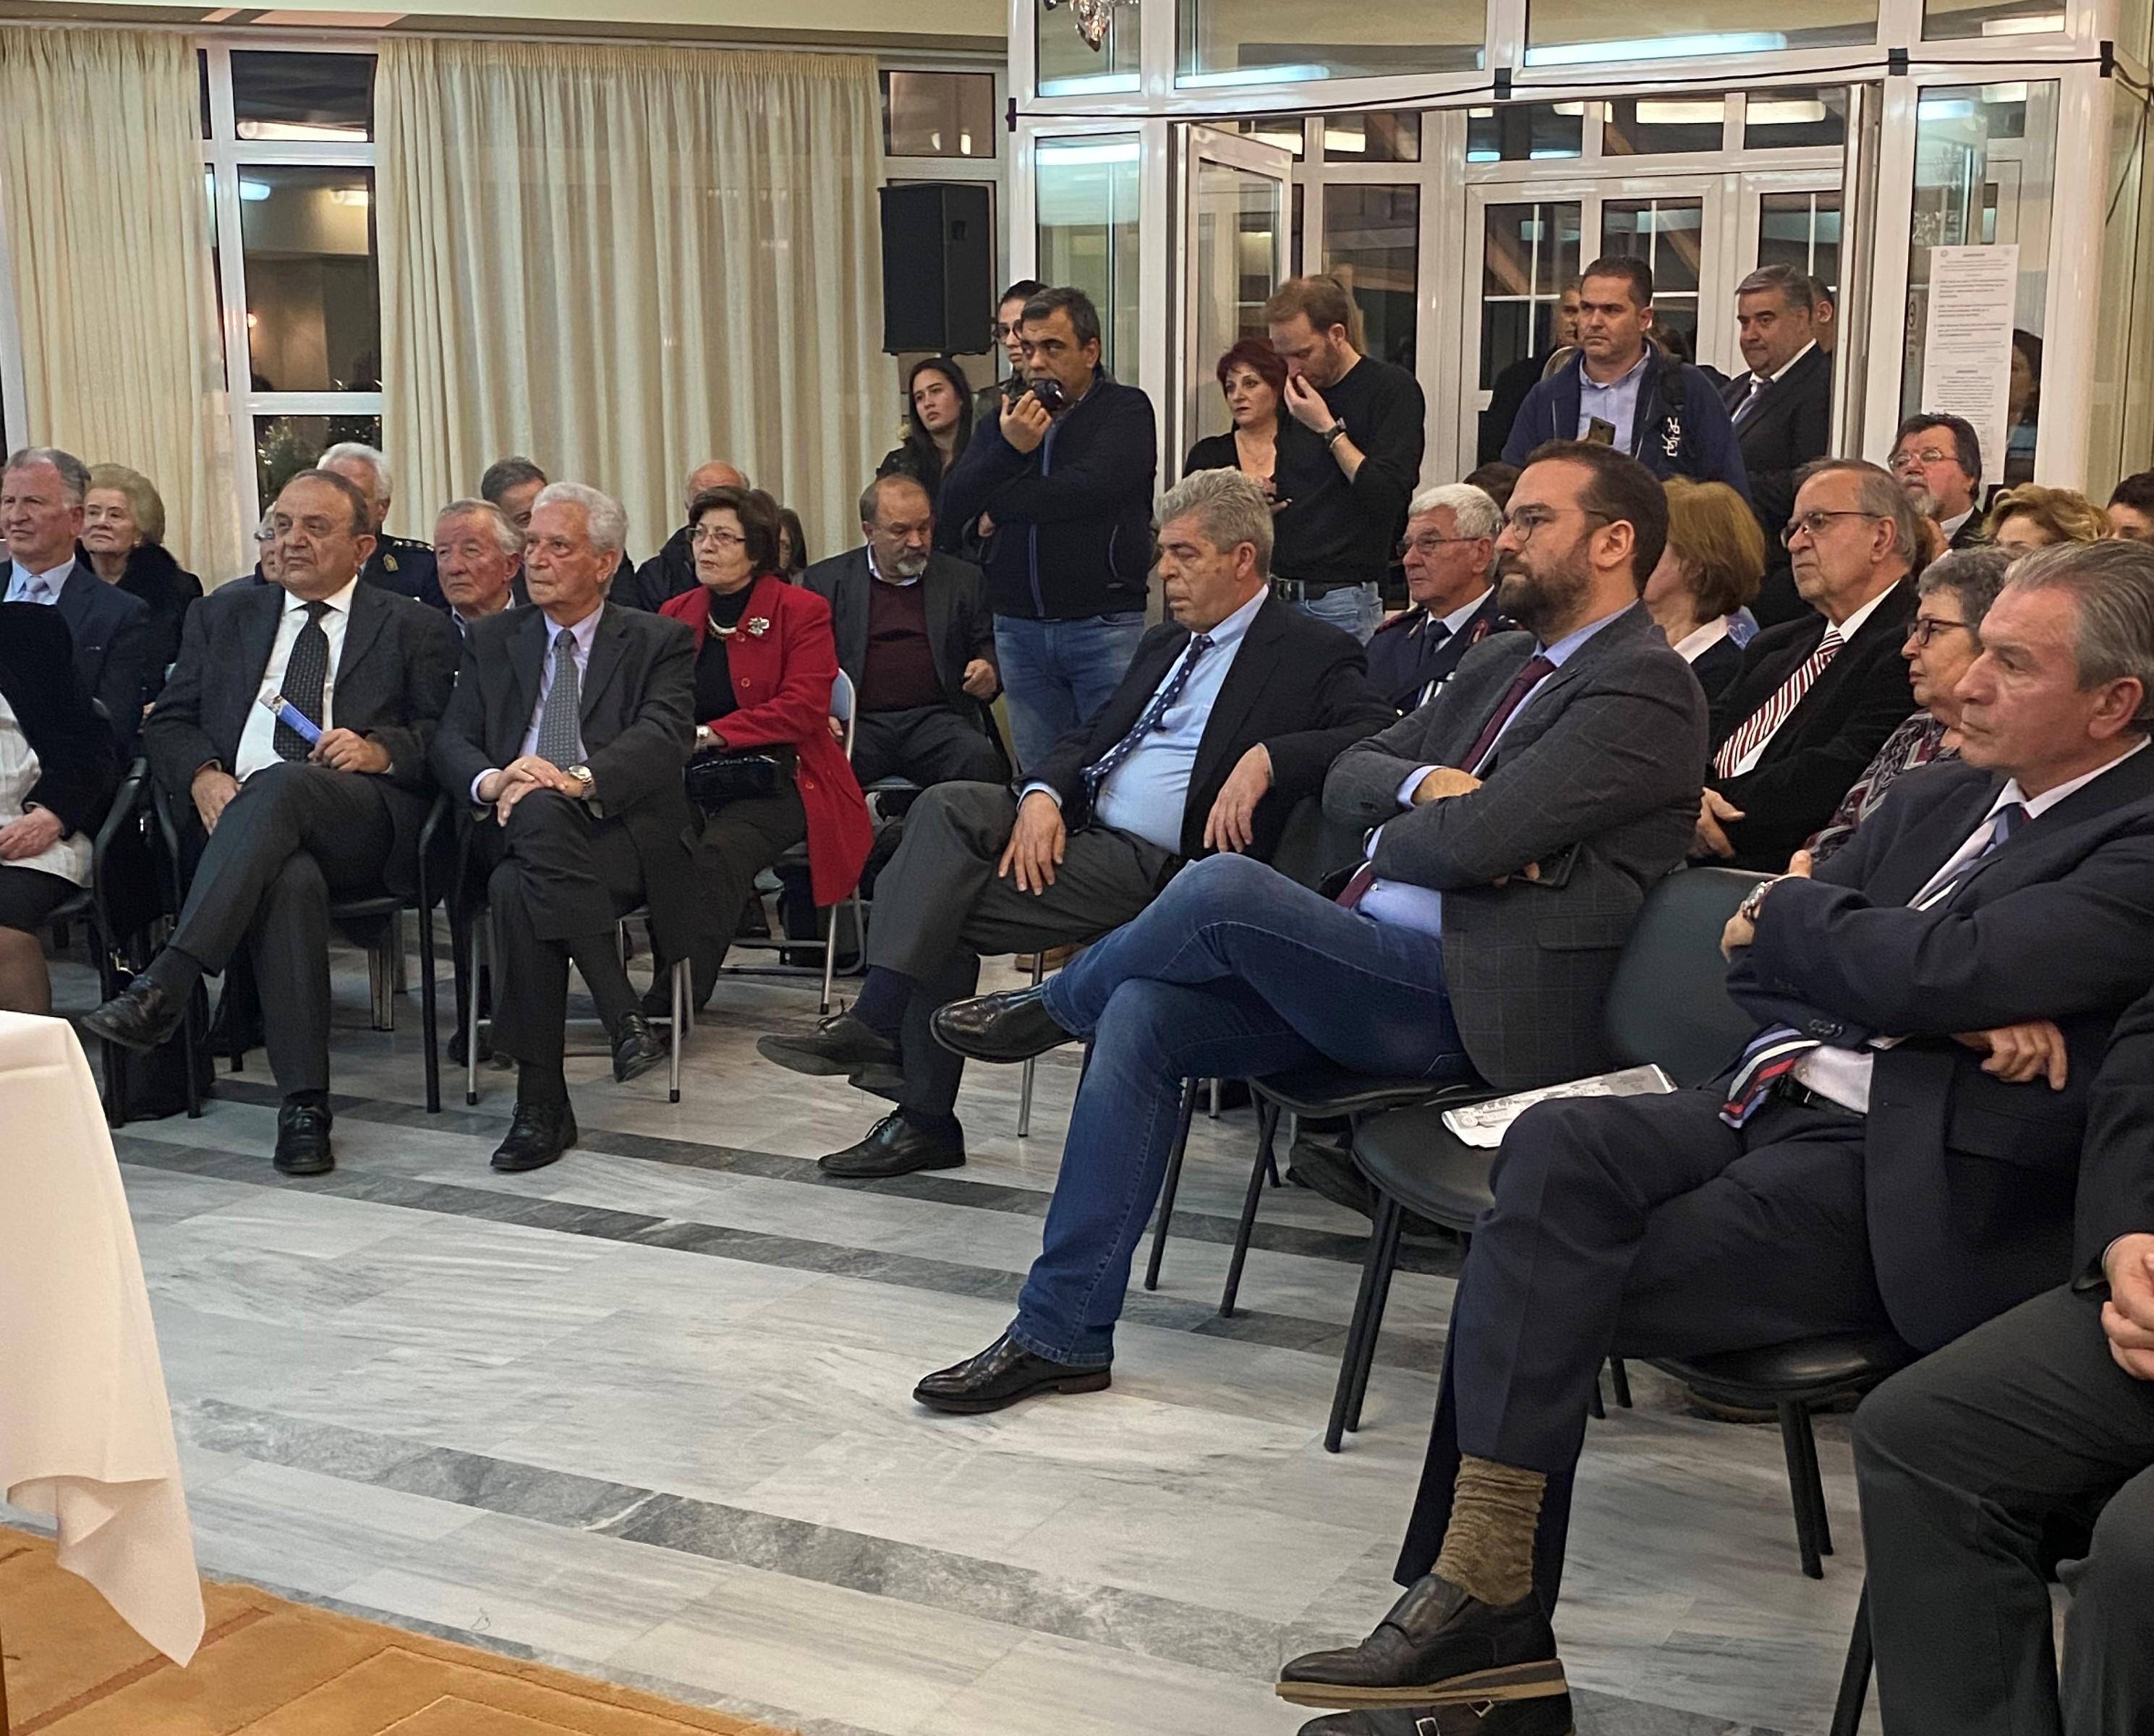 """ΠΔΕ-Ν. Φαρμάκης: «Η """"Ελπίδα"""" αποτελεί μία από τις πολύτιμες κληρονομιές που παραλάβαμε ως νέα Περιφερειακή Αρχή»"""